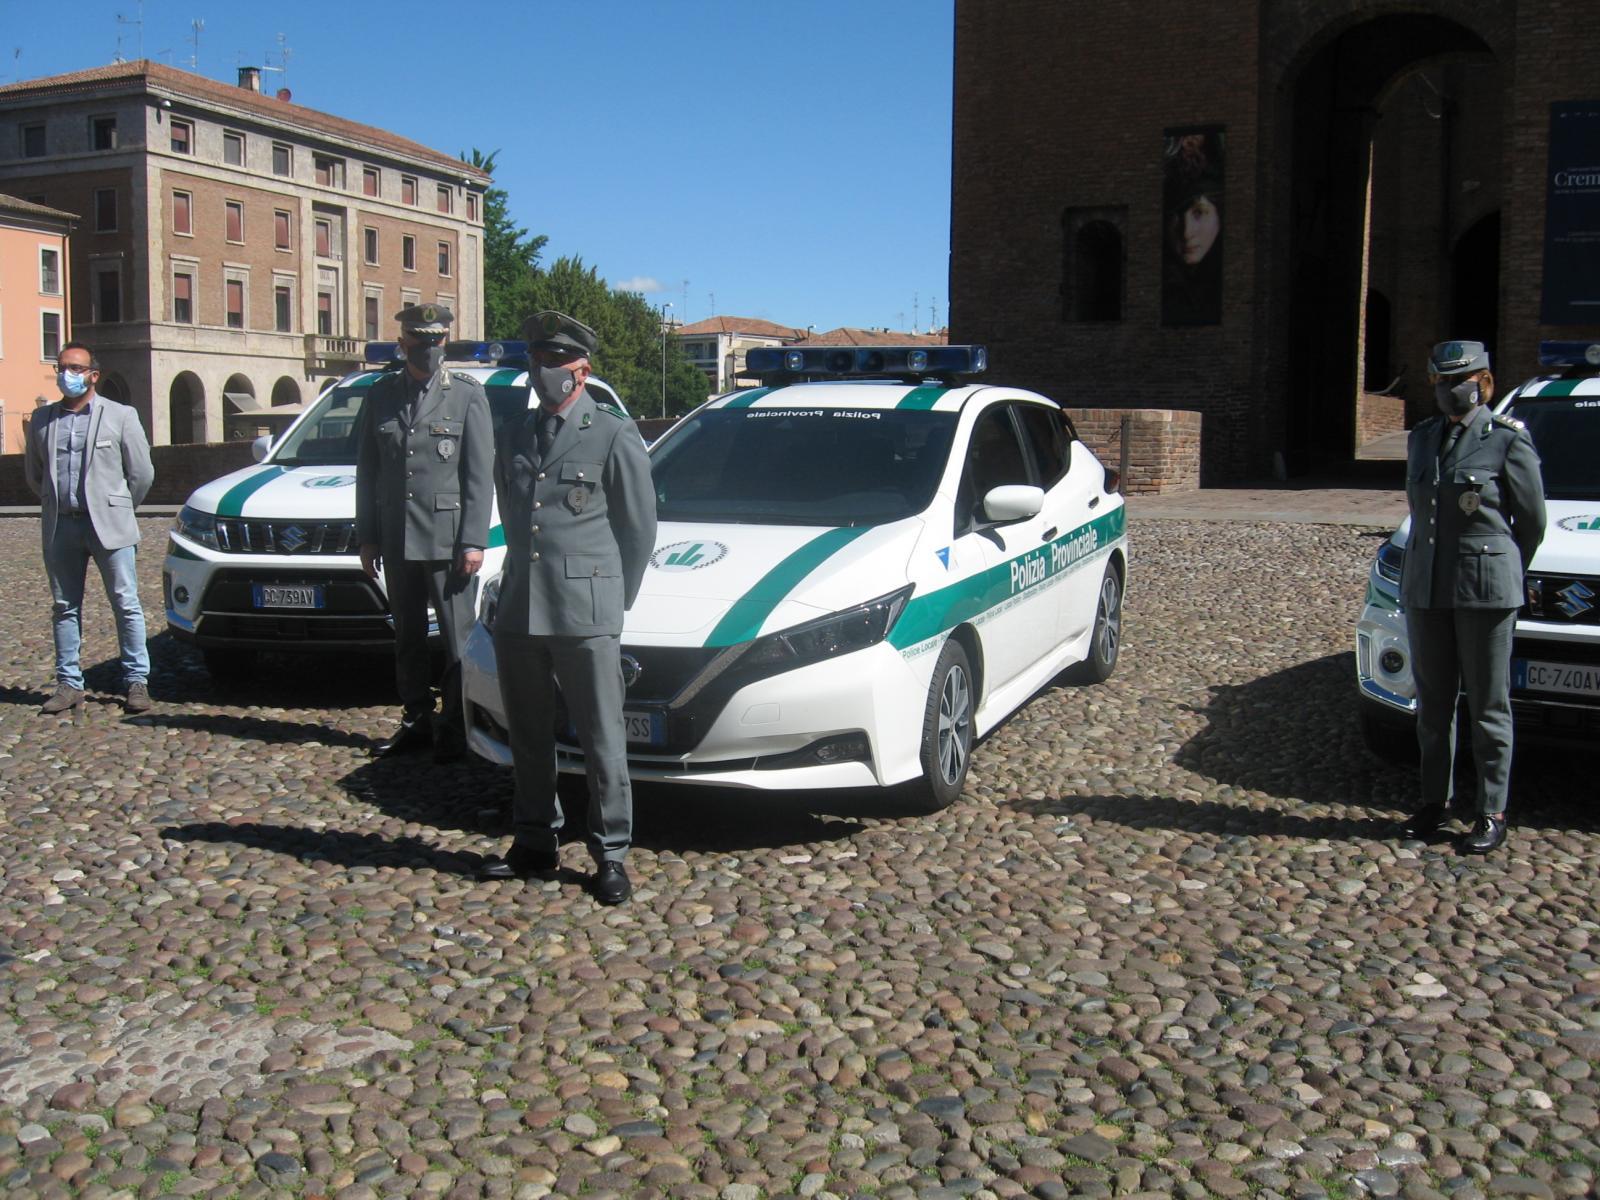 La presentazione delle tre nuove auto in Piazza Castello